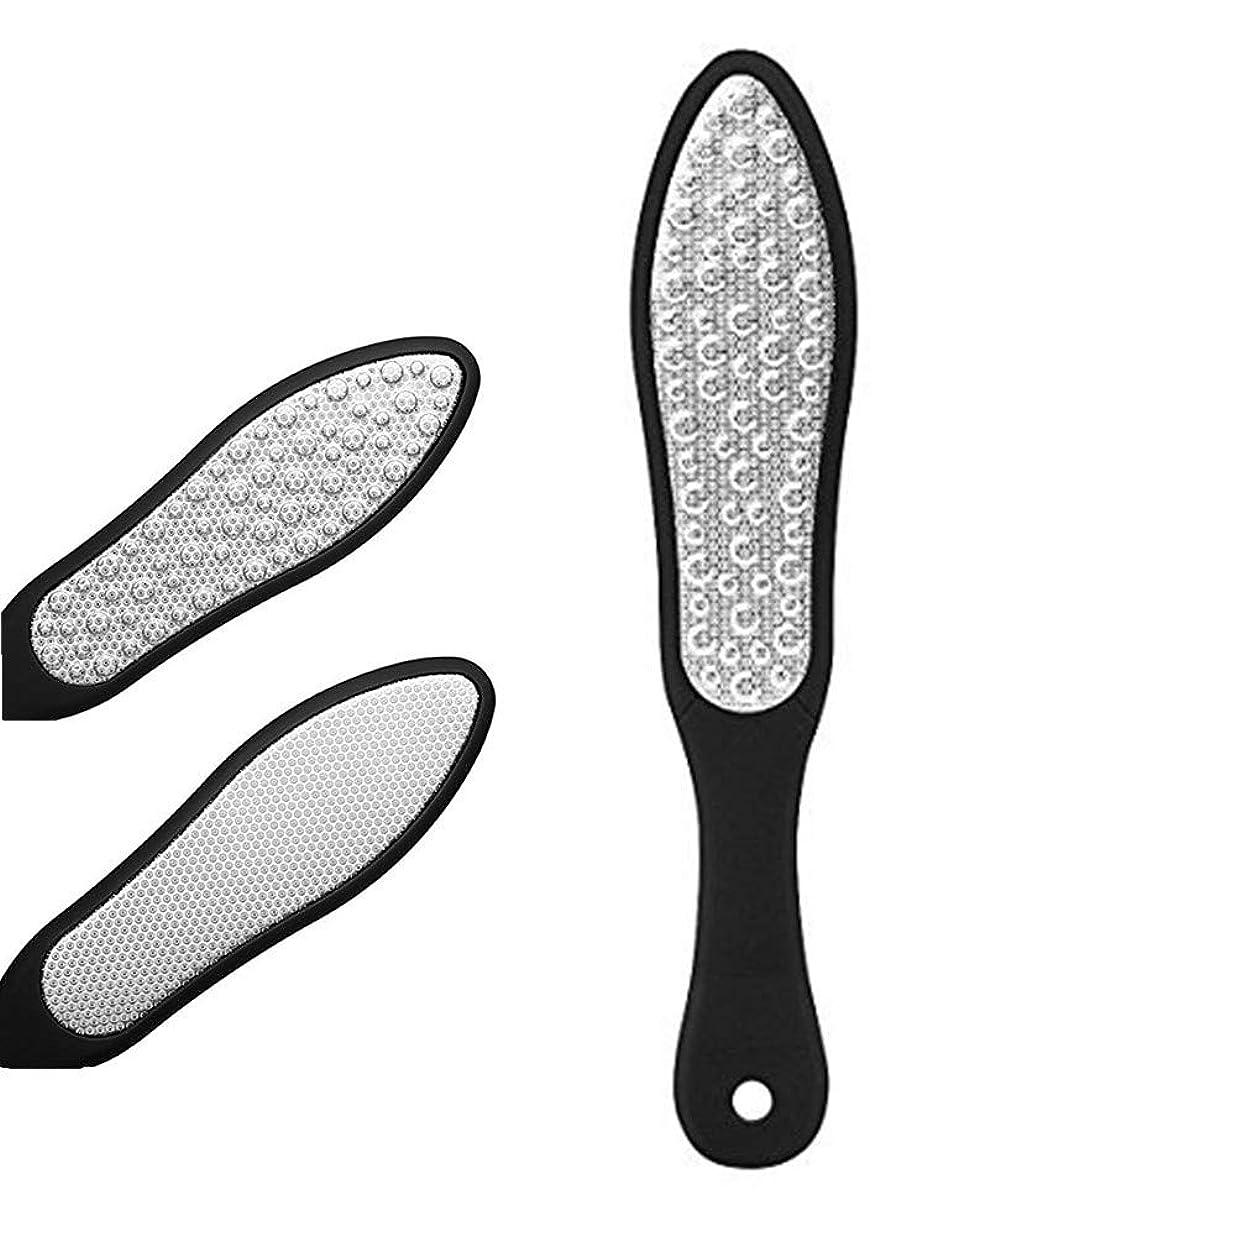 逃げる進行中違法フットファイル 角質リムーバー 角質やすり 魚の目削り 足 かかと削り ペディキュア用両面ヤスリ フットケア プロ用ステンレススチール